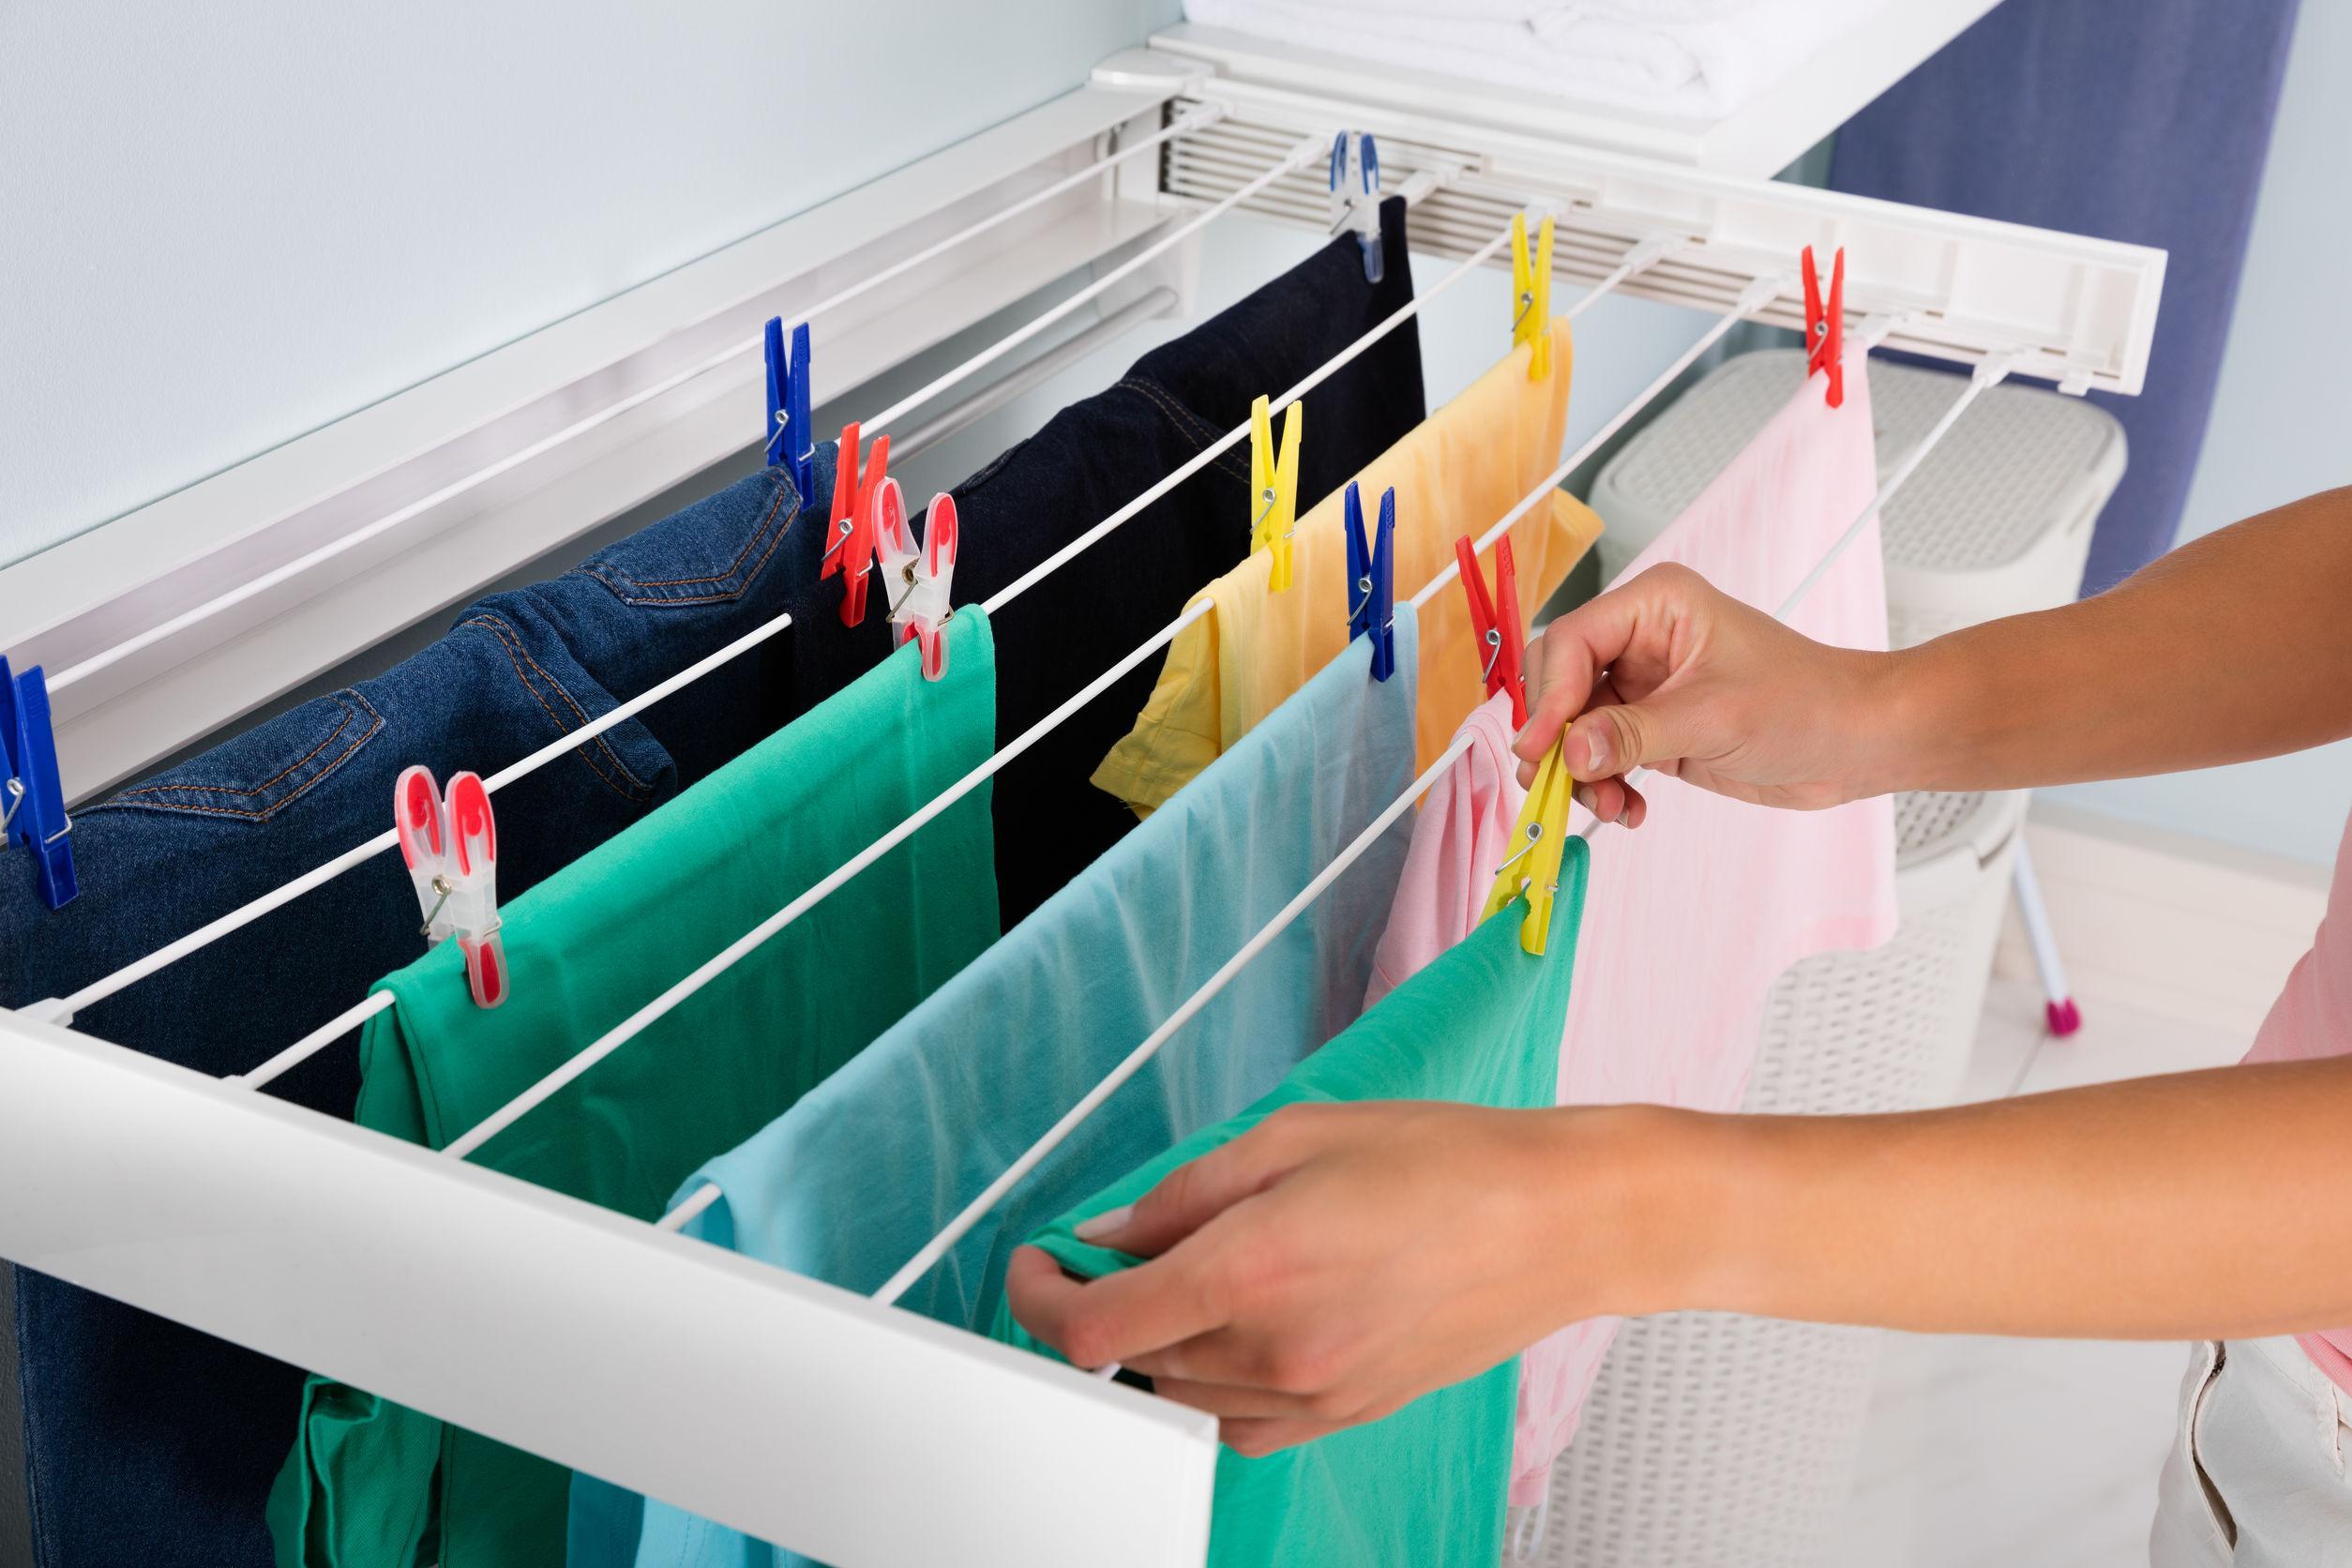 Wäscheständer für die Badewanne: Test & Empfehlungen (11/20)